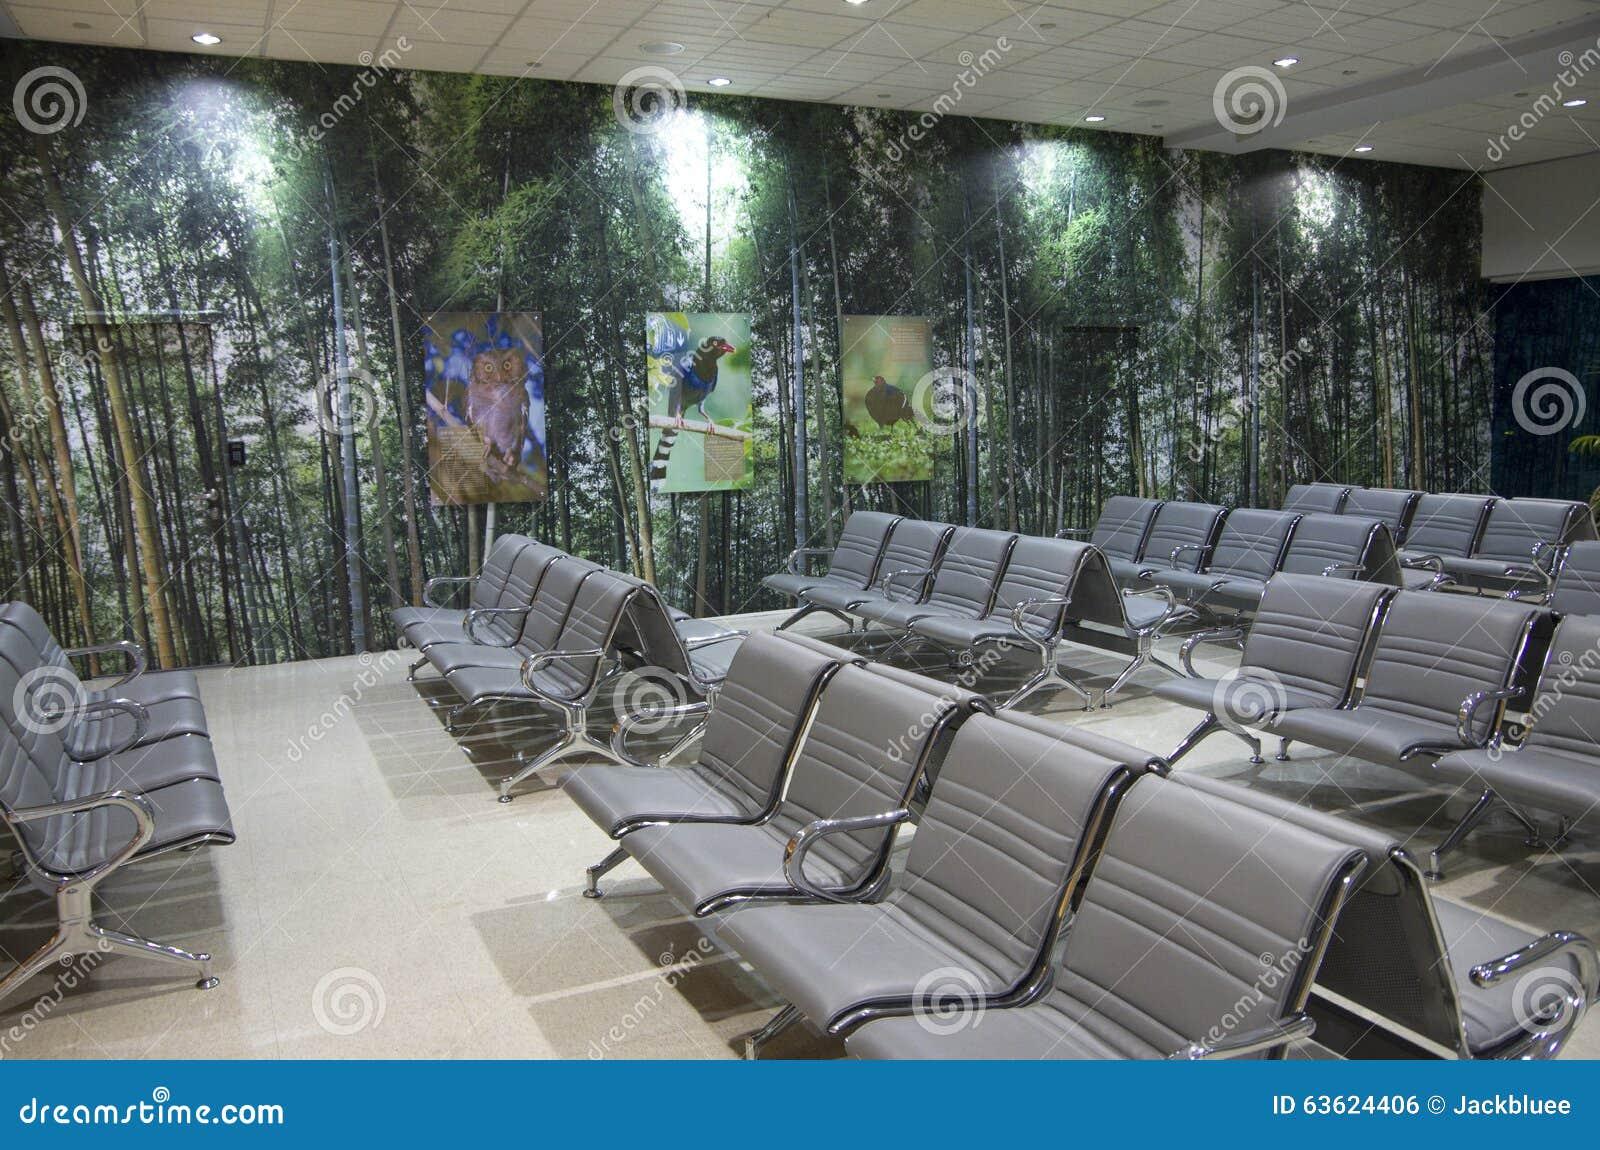 Interior Design Ideas Airport Waiting Room Editorial Photo 63624389